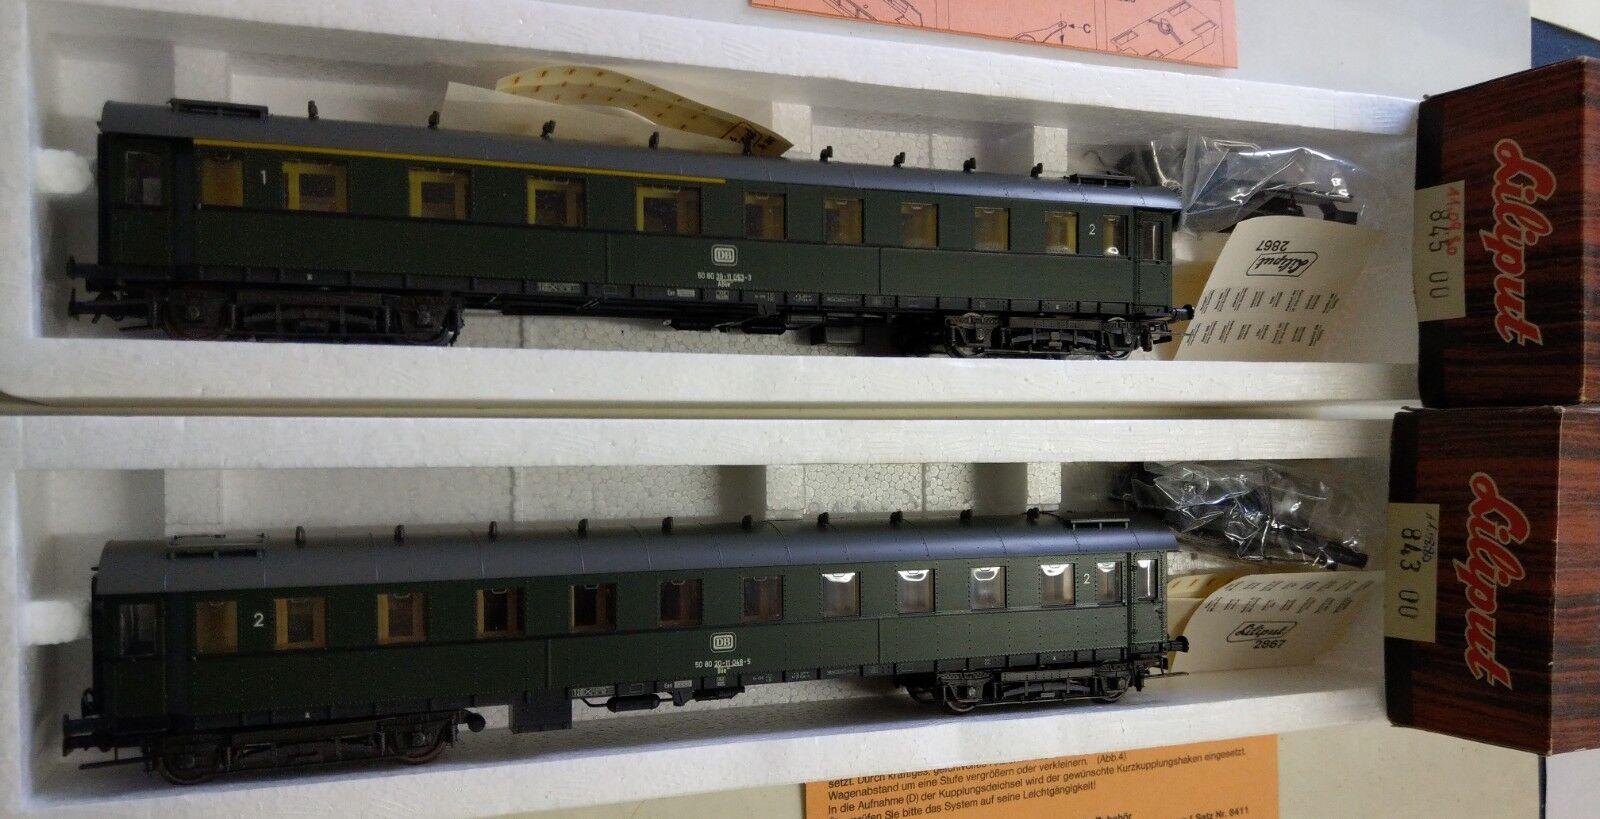 2 Liliput Personenwagen D-Zugwagen  845 00, 843 00 H0 1 87 OVP